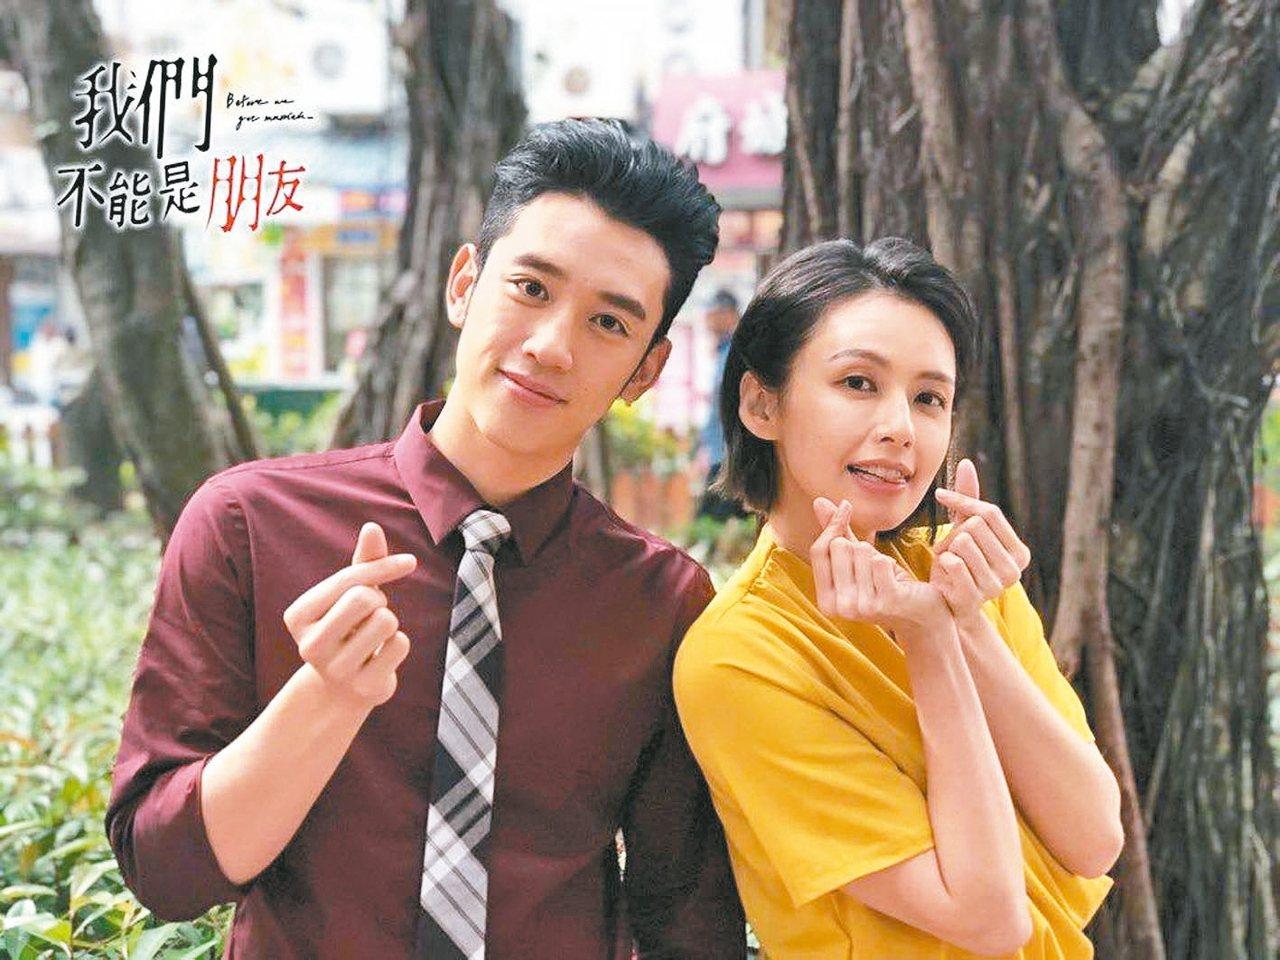 陳慕(左)與袁艾菲在「我們不能是朋友」中有許多親密戲。 圖/摘自臉書